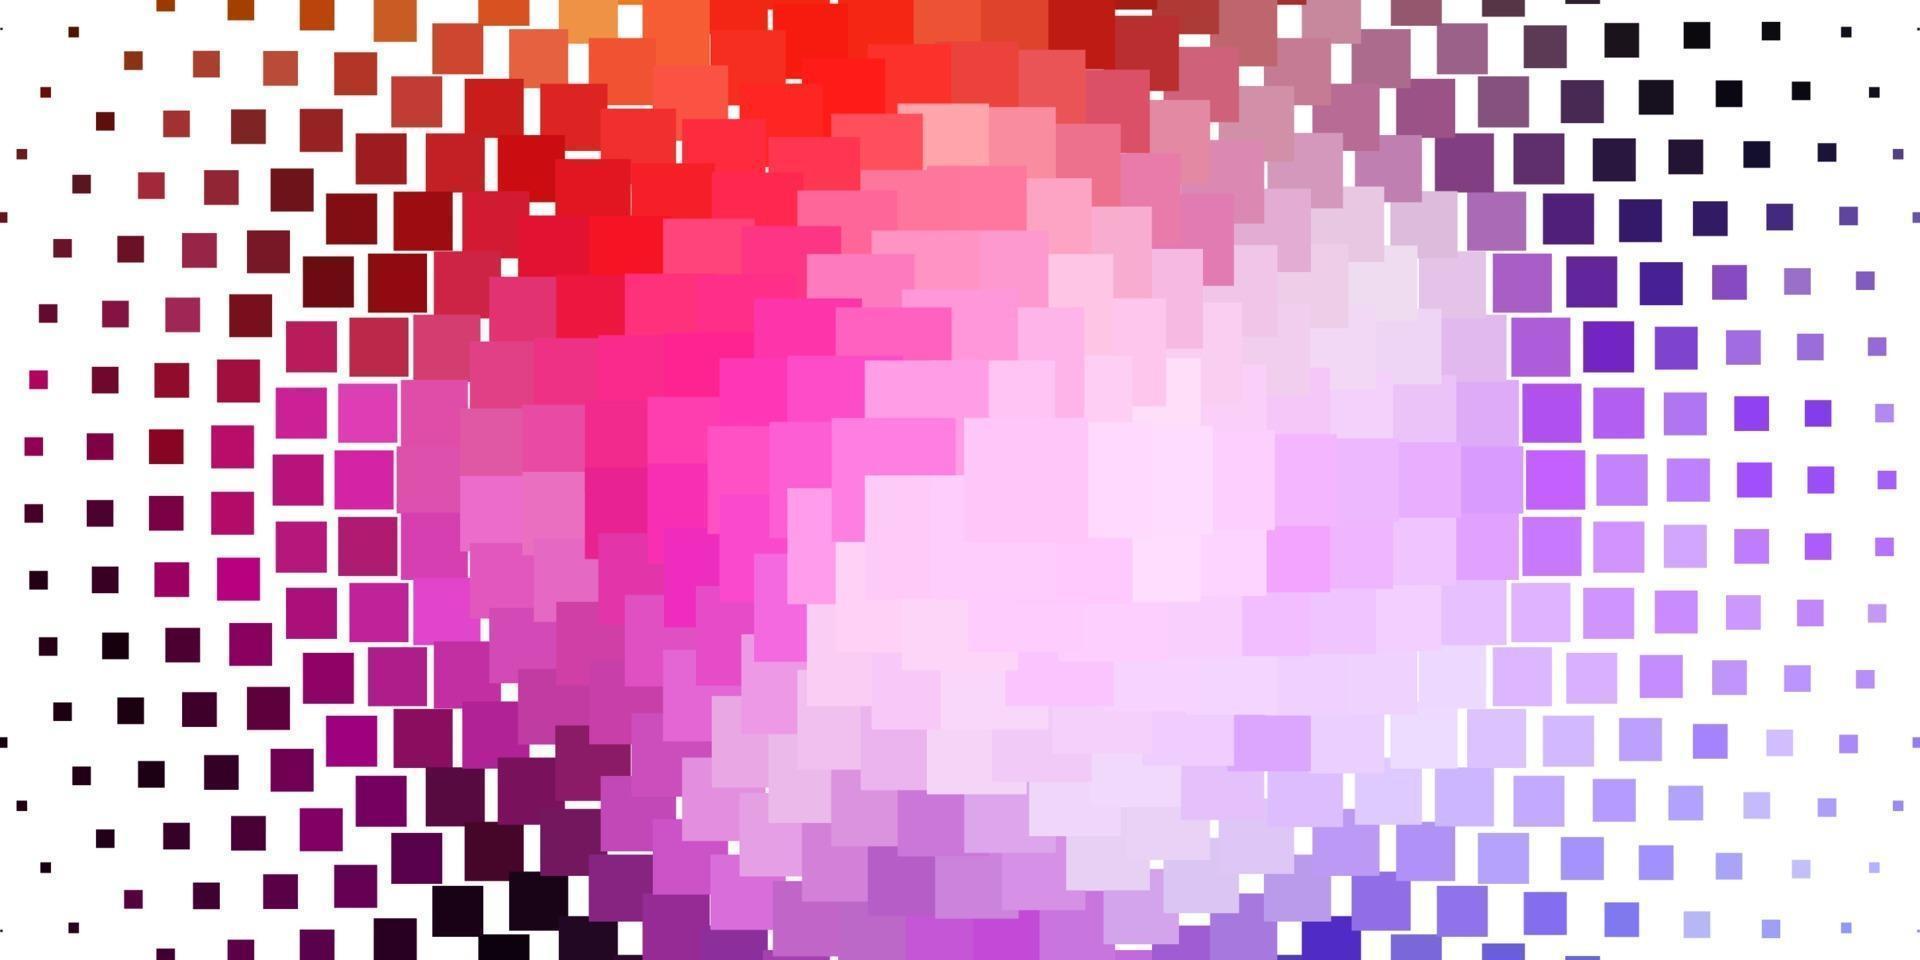 fond de vecteur rose clair, jaune avec des rectangles.